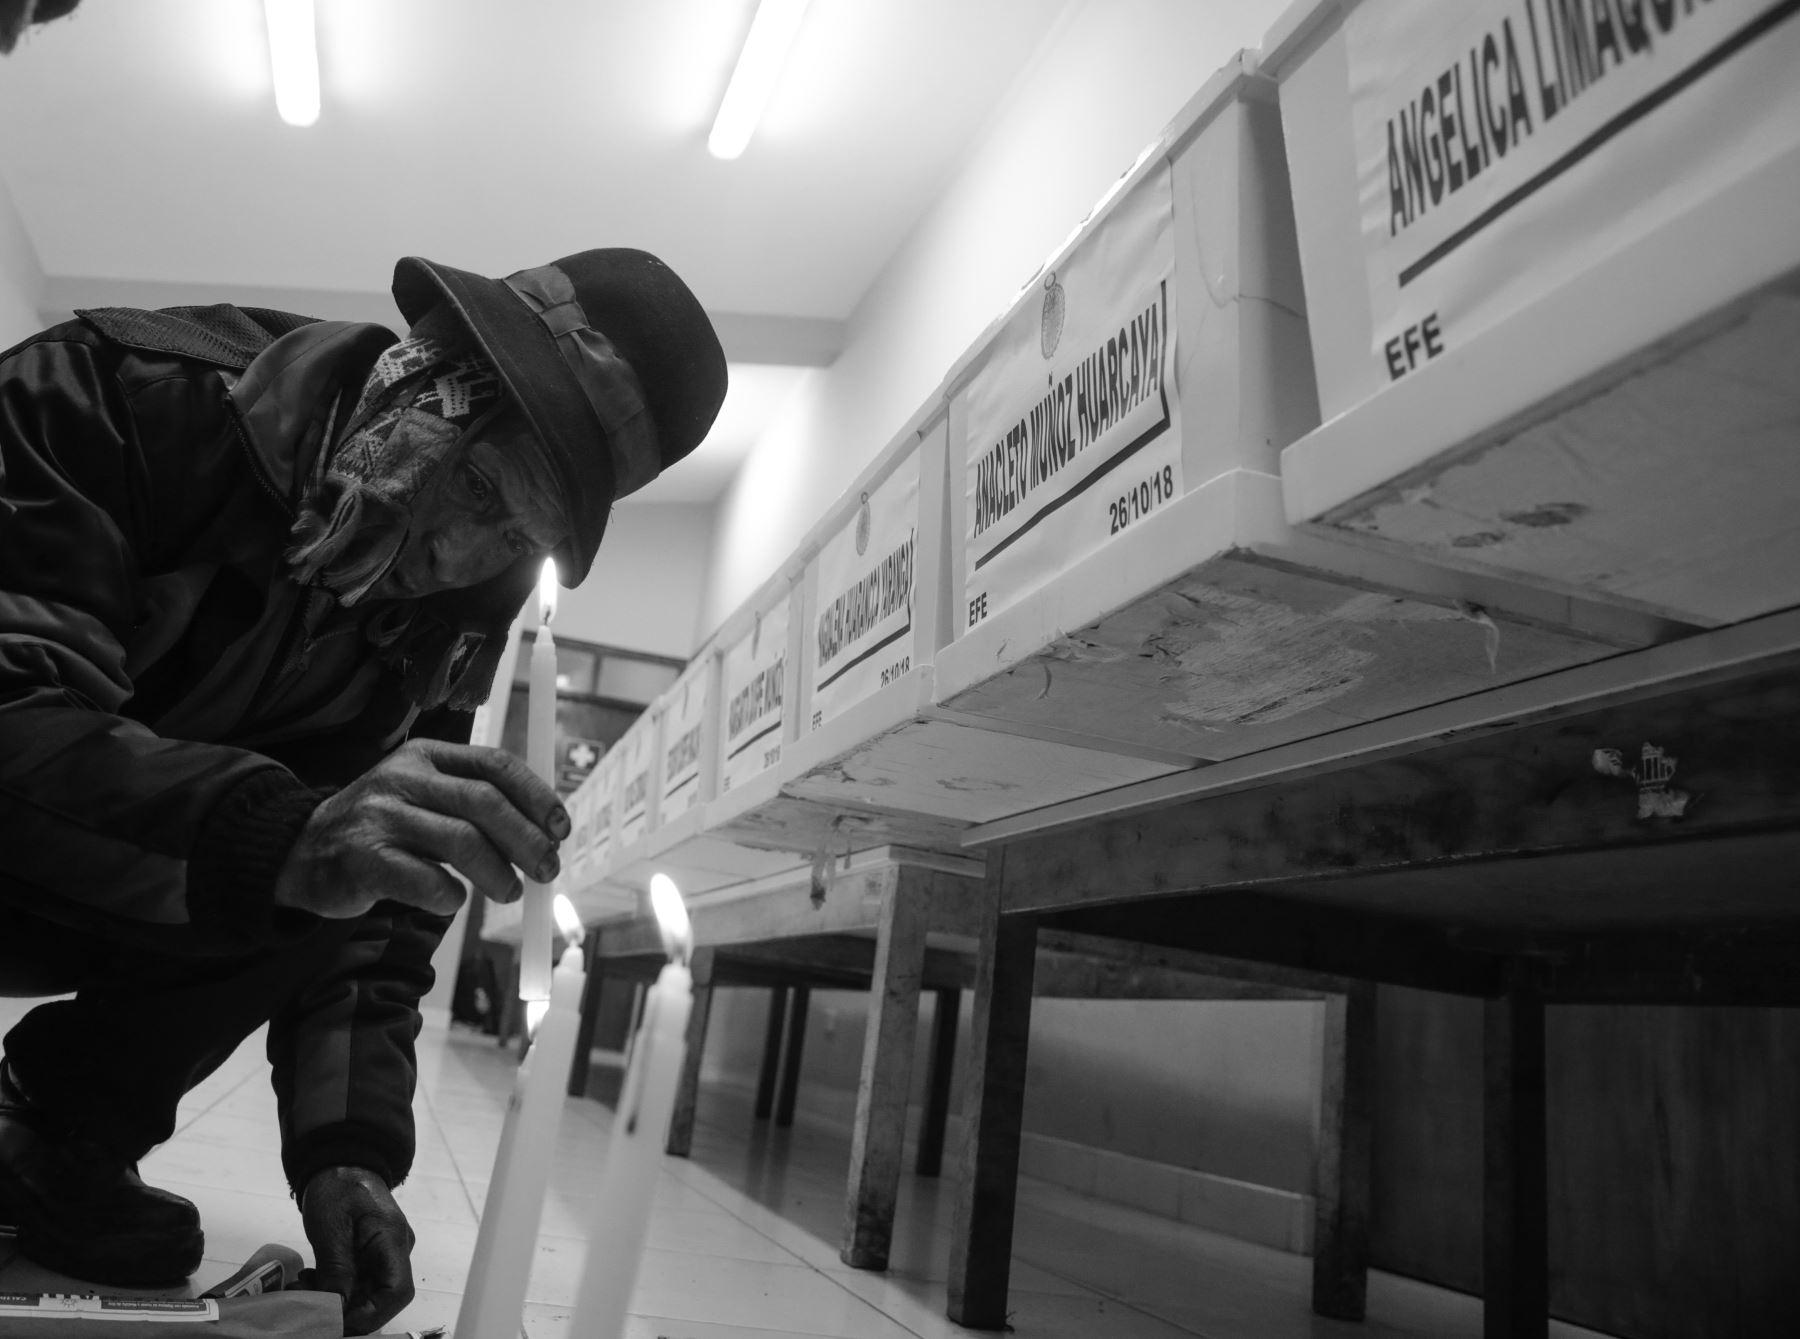 Luego de más de tres décadas de silencioso duelo, los restos de una familia asesinada por la violencia terrorista son identificados y velados en la comunidad  Llacchua . Foto: ANDINA/Jack Ramón